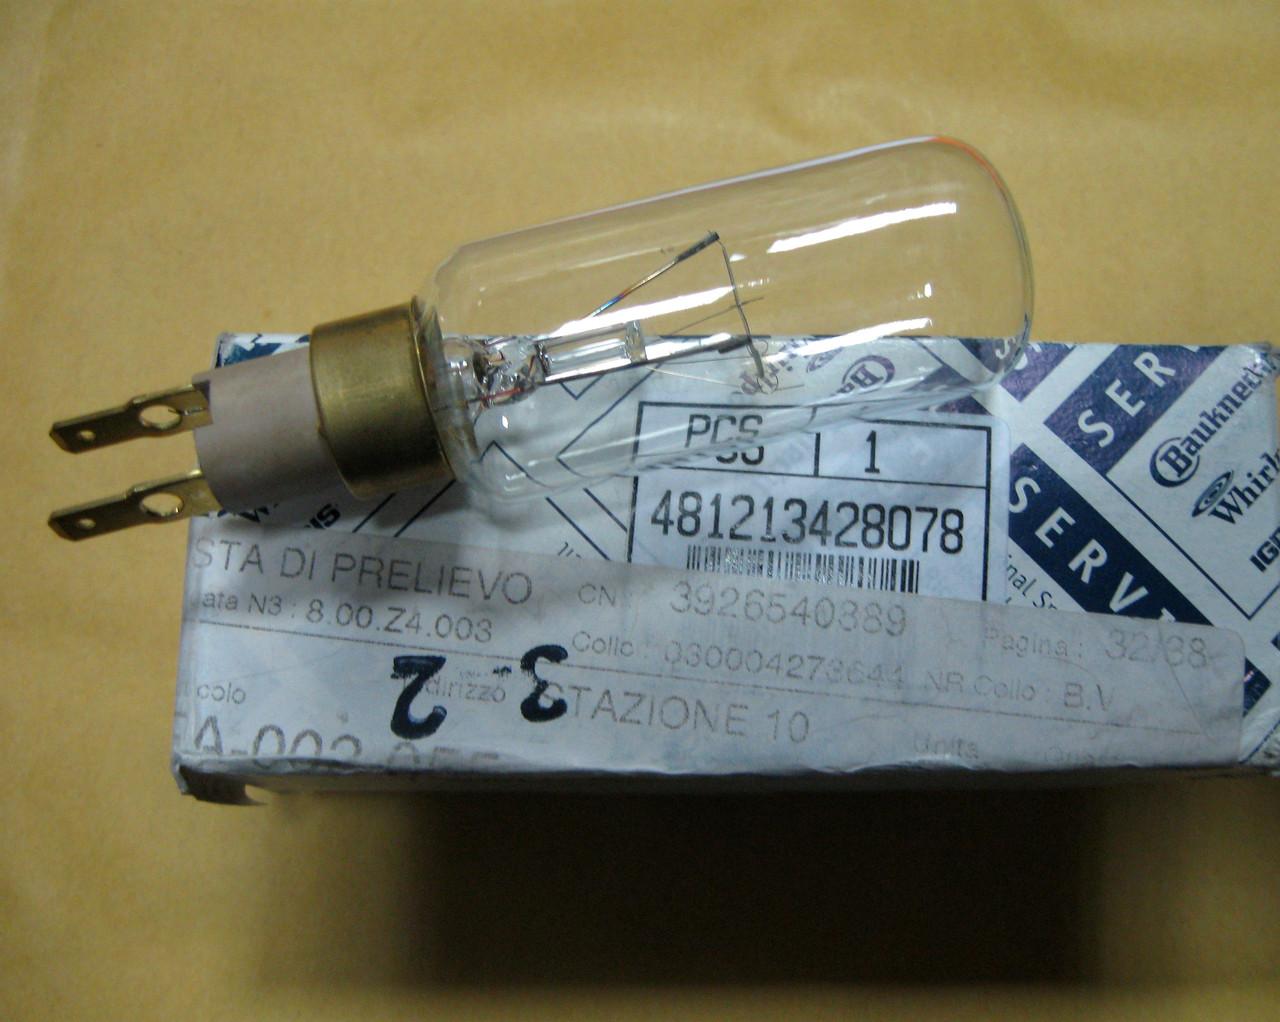 Лампа холодильника Whirlpool 481213428078